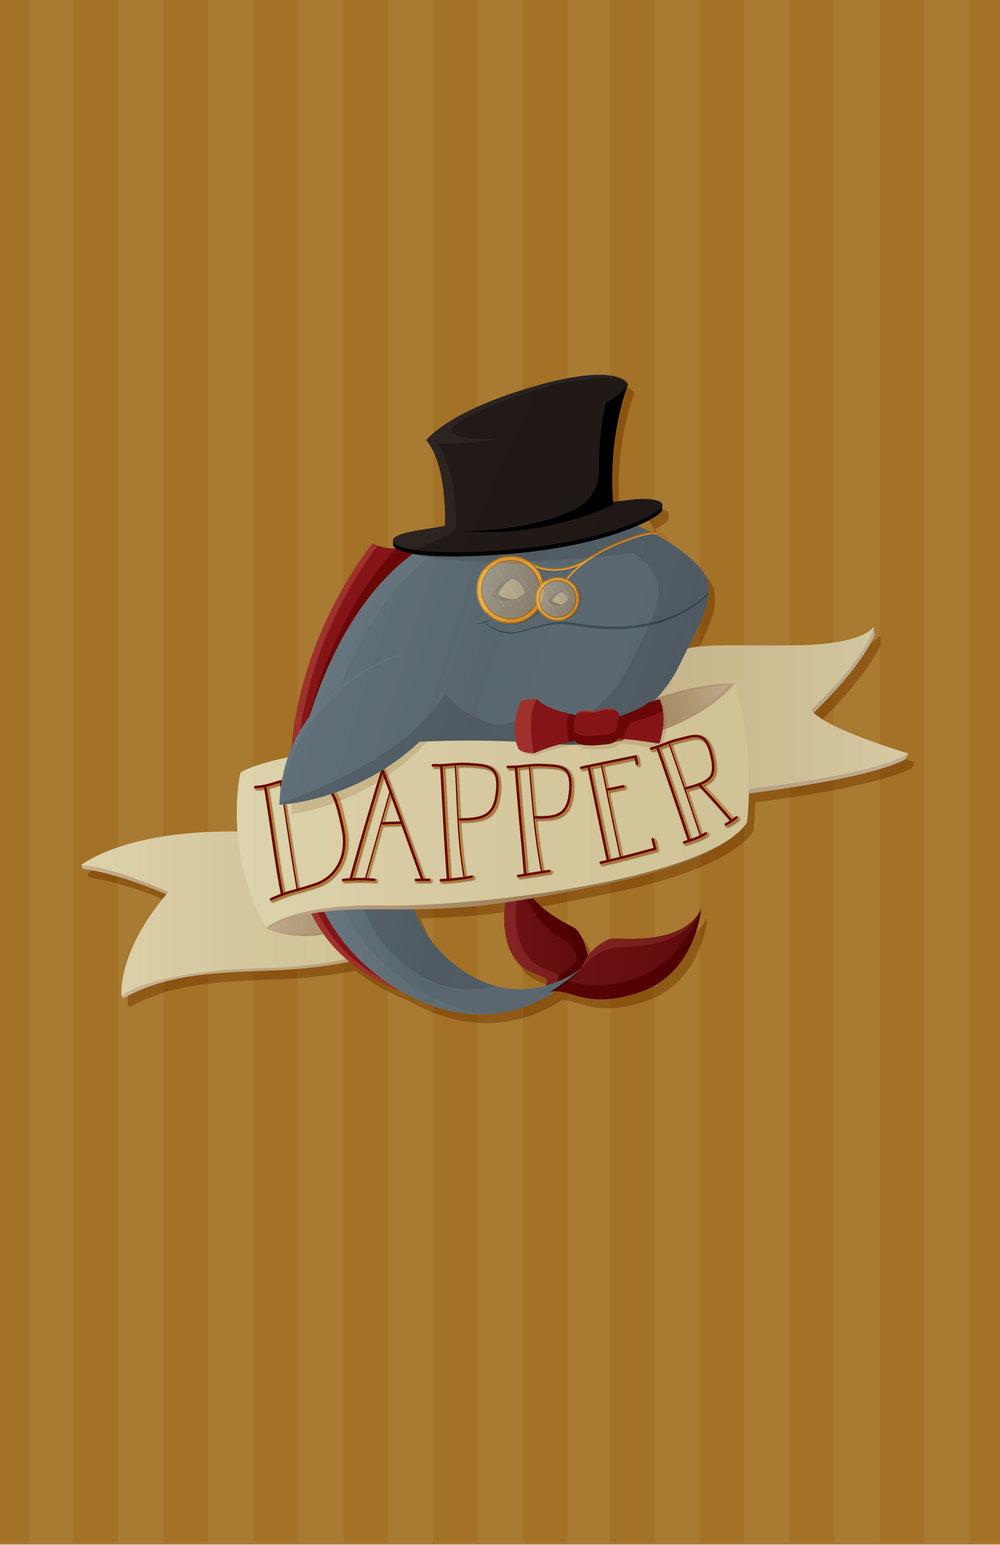 whale_dapper-01.jpg